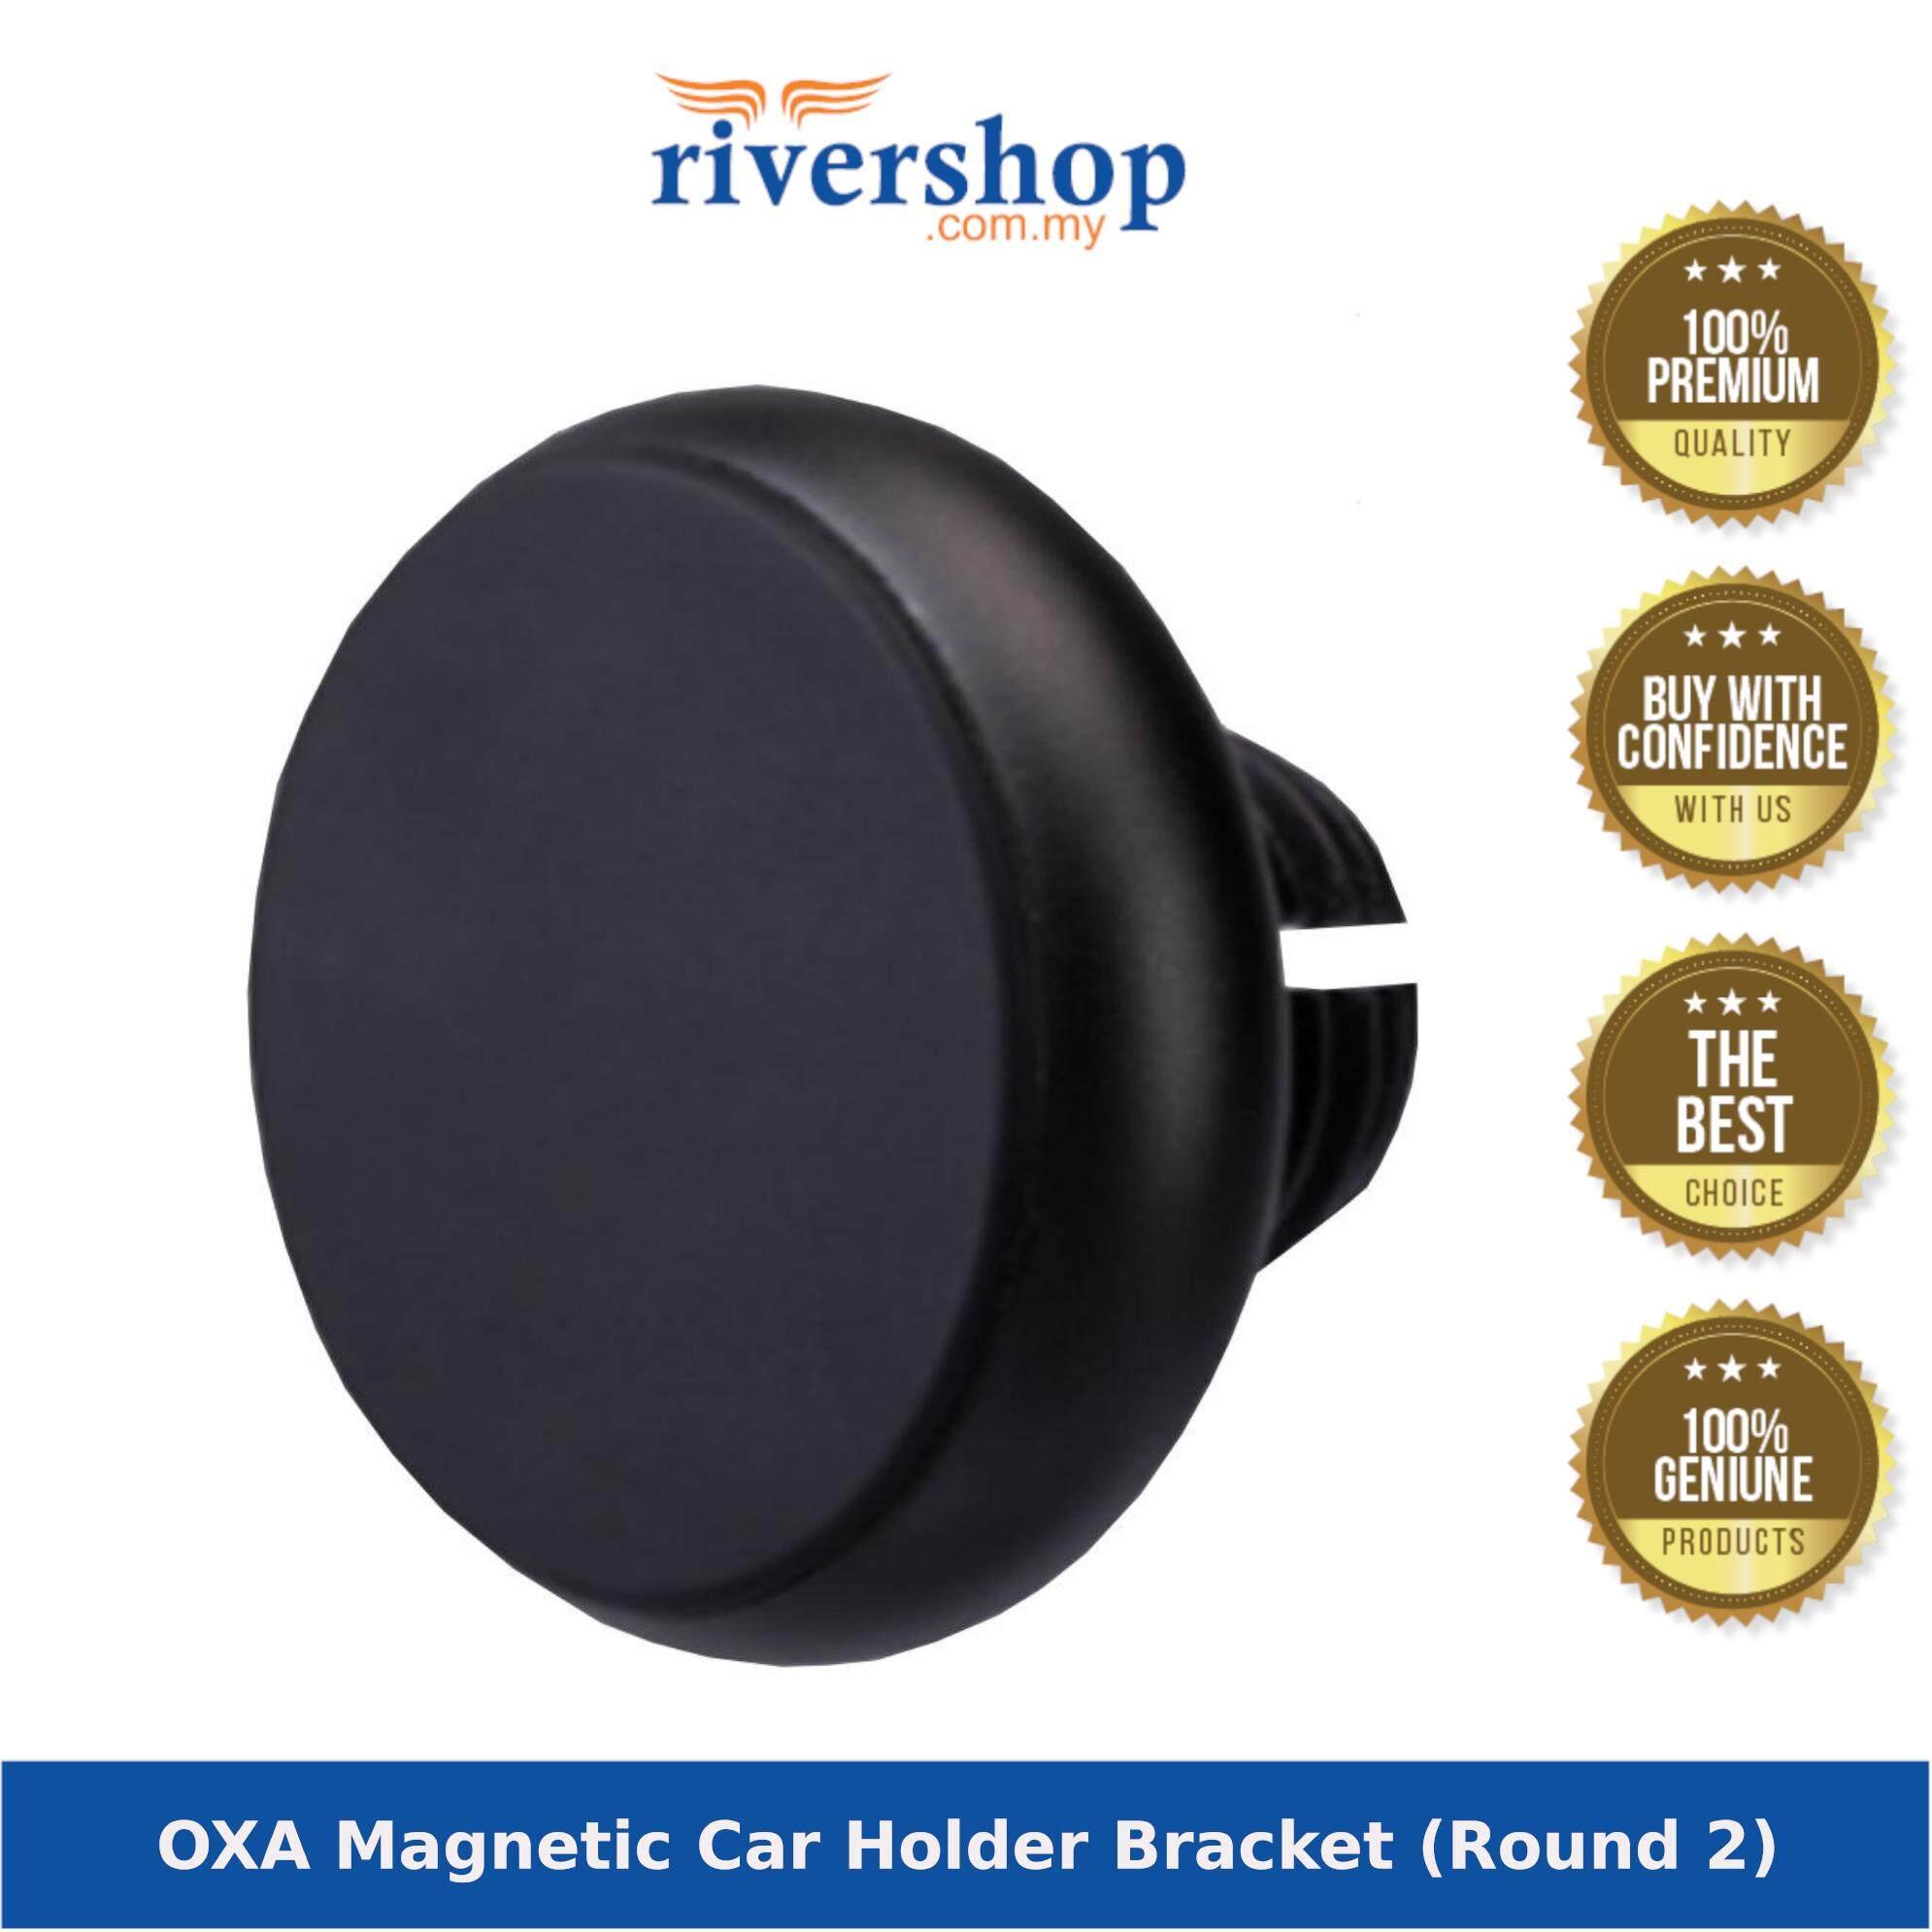 OXA Magnetic Car Holder Bracket (Round 2)